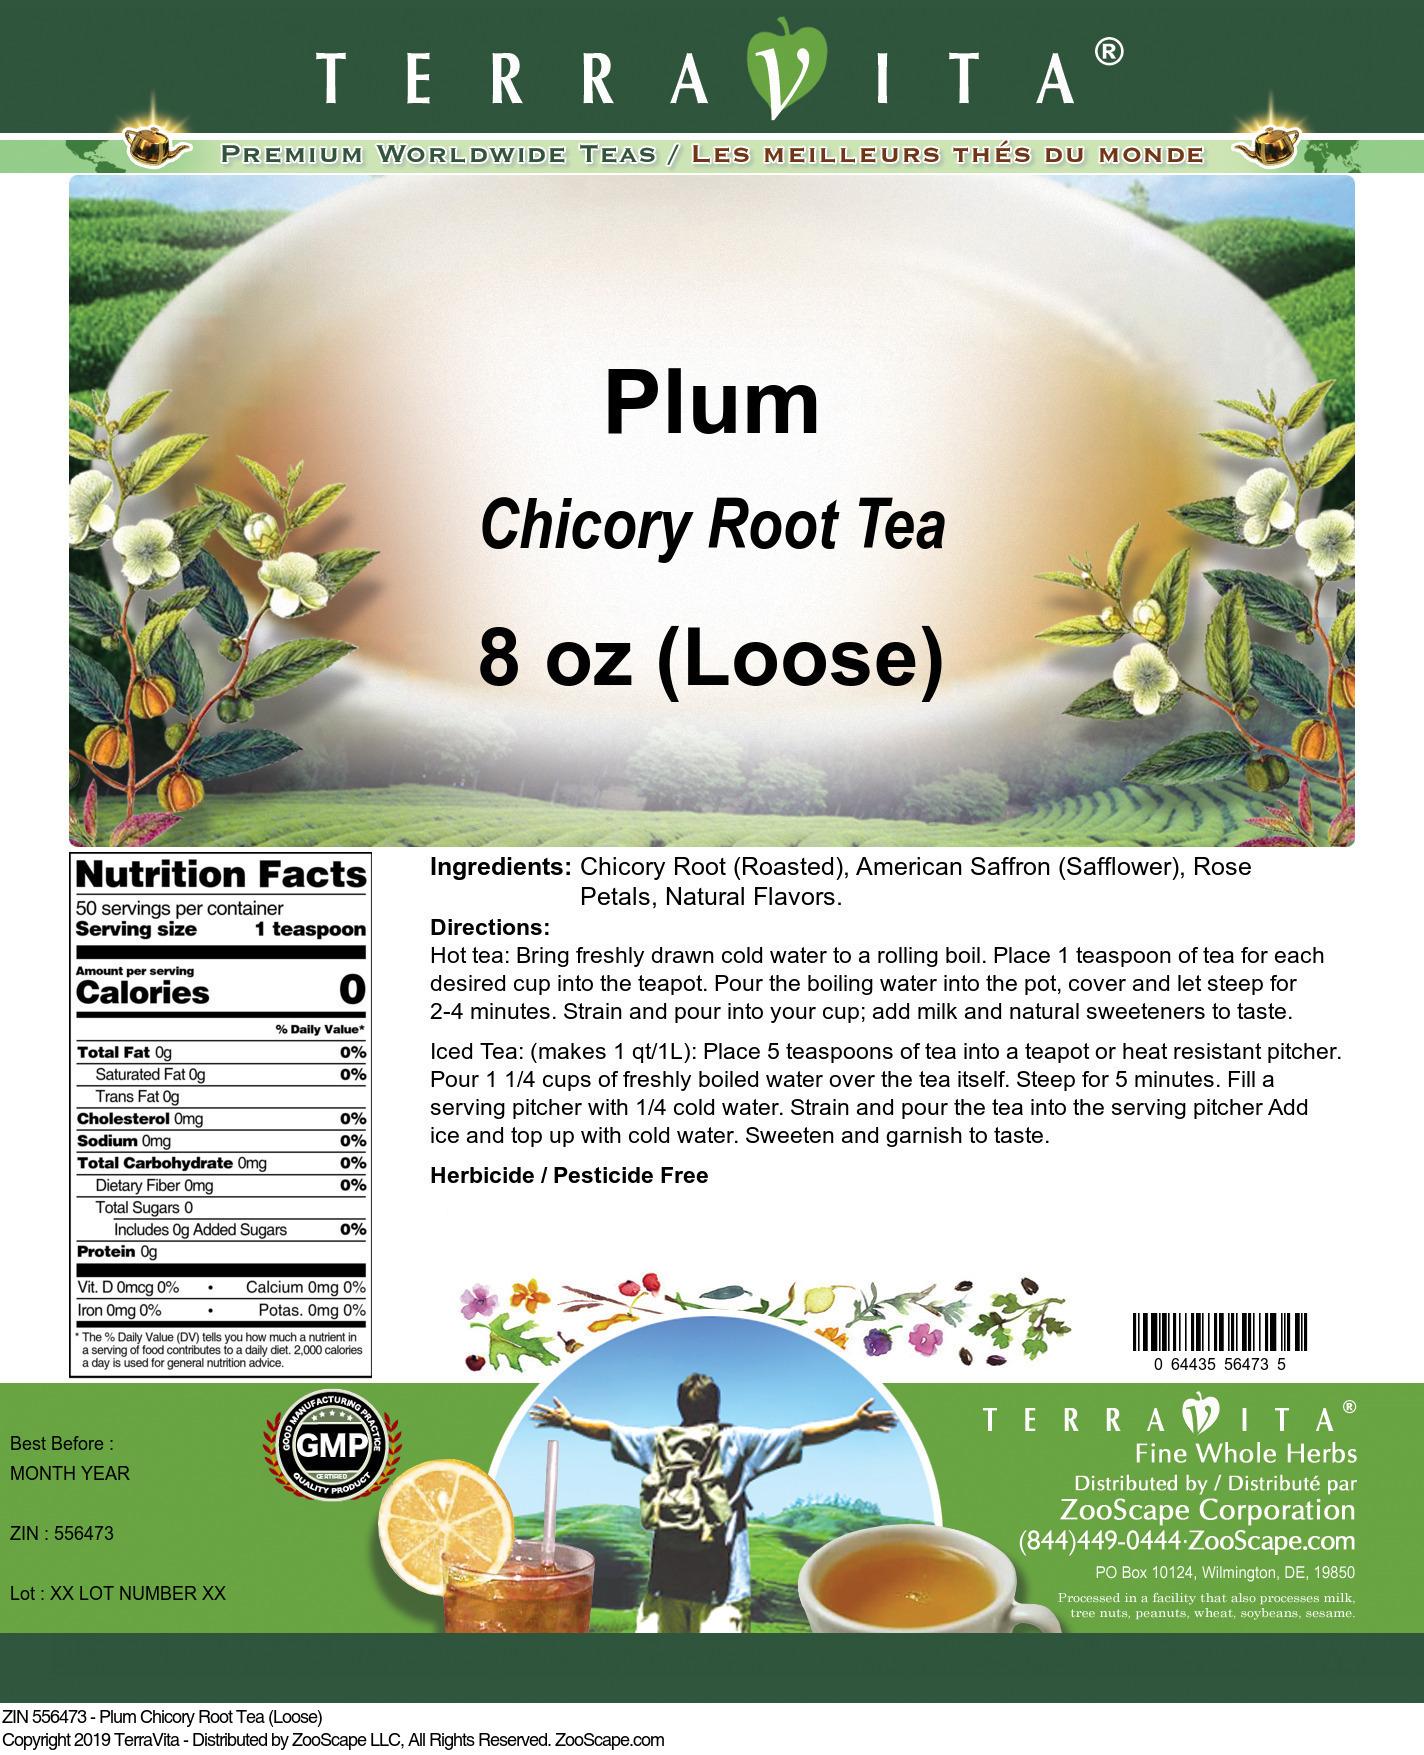 Plum Chicory Root